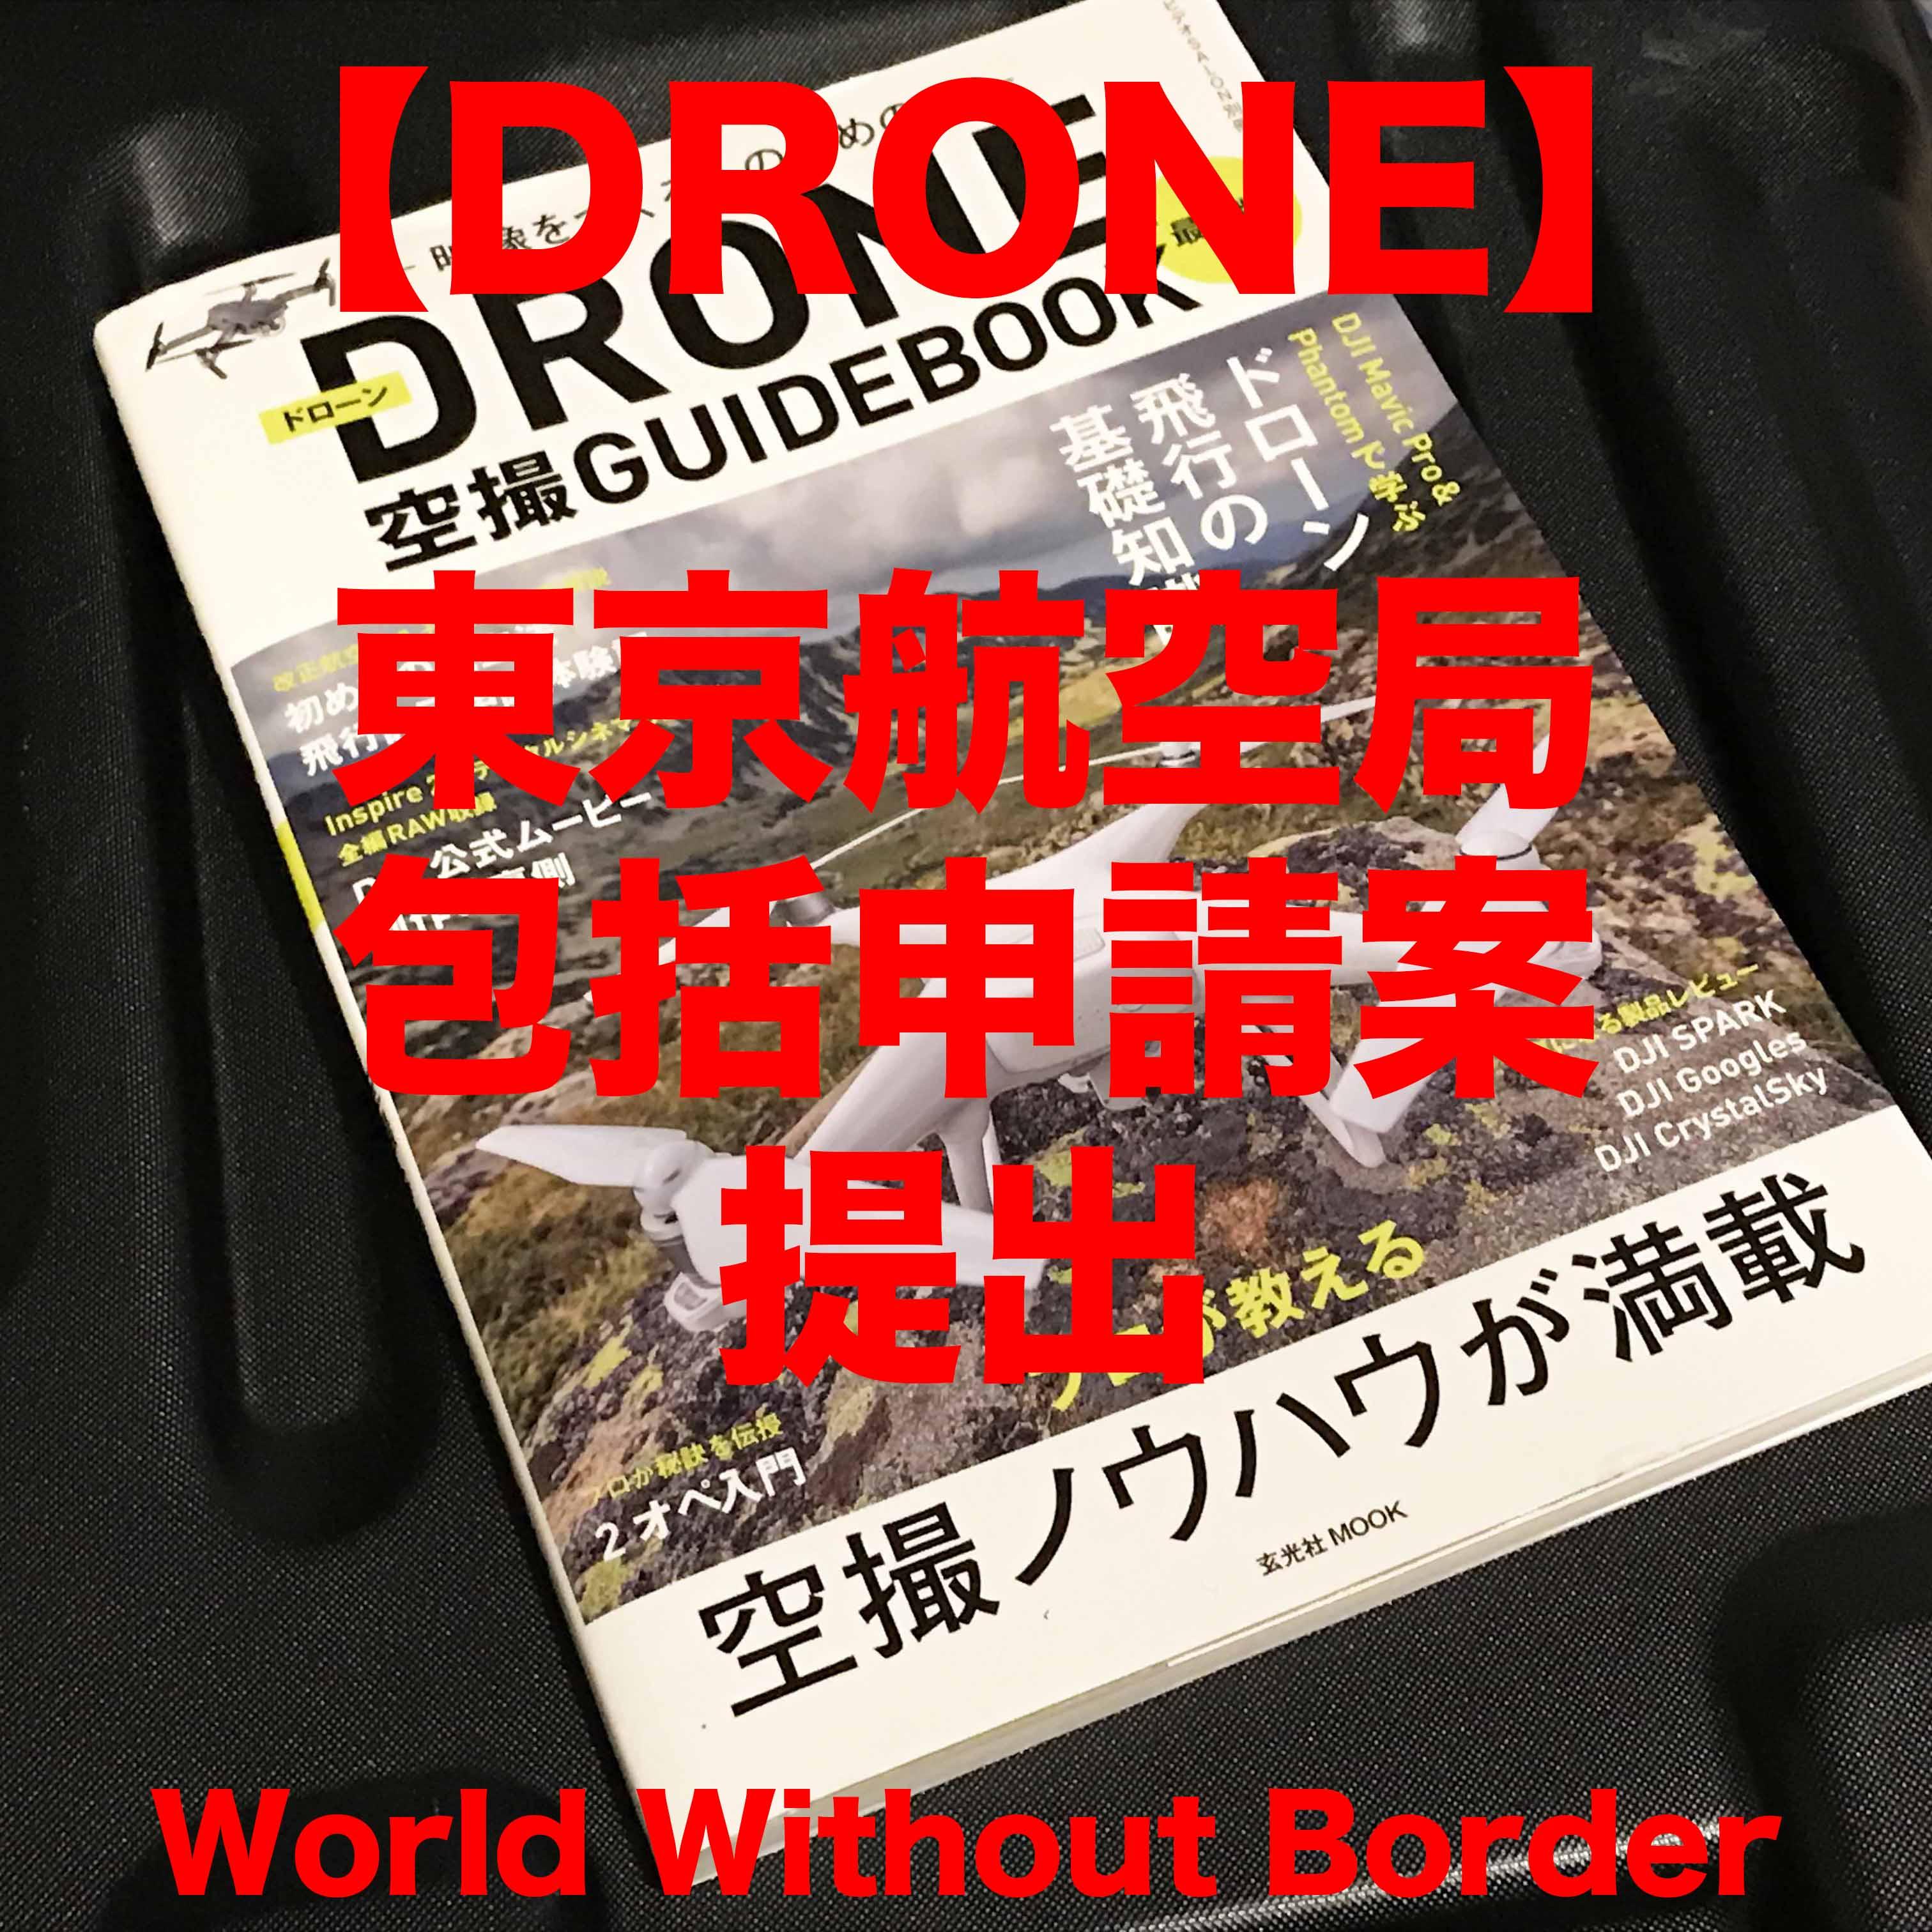 【ドローン】東京航空局へ飛行許可承認一年包括申請案を提出しました!